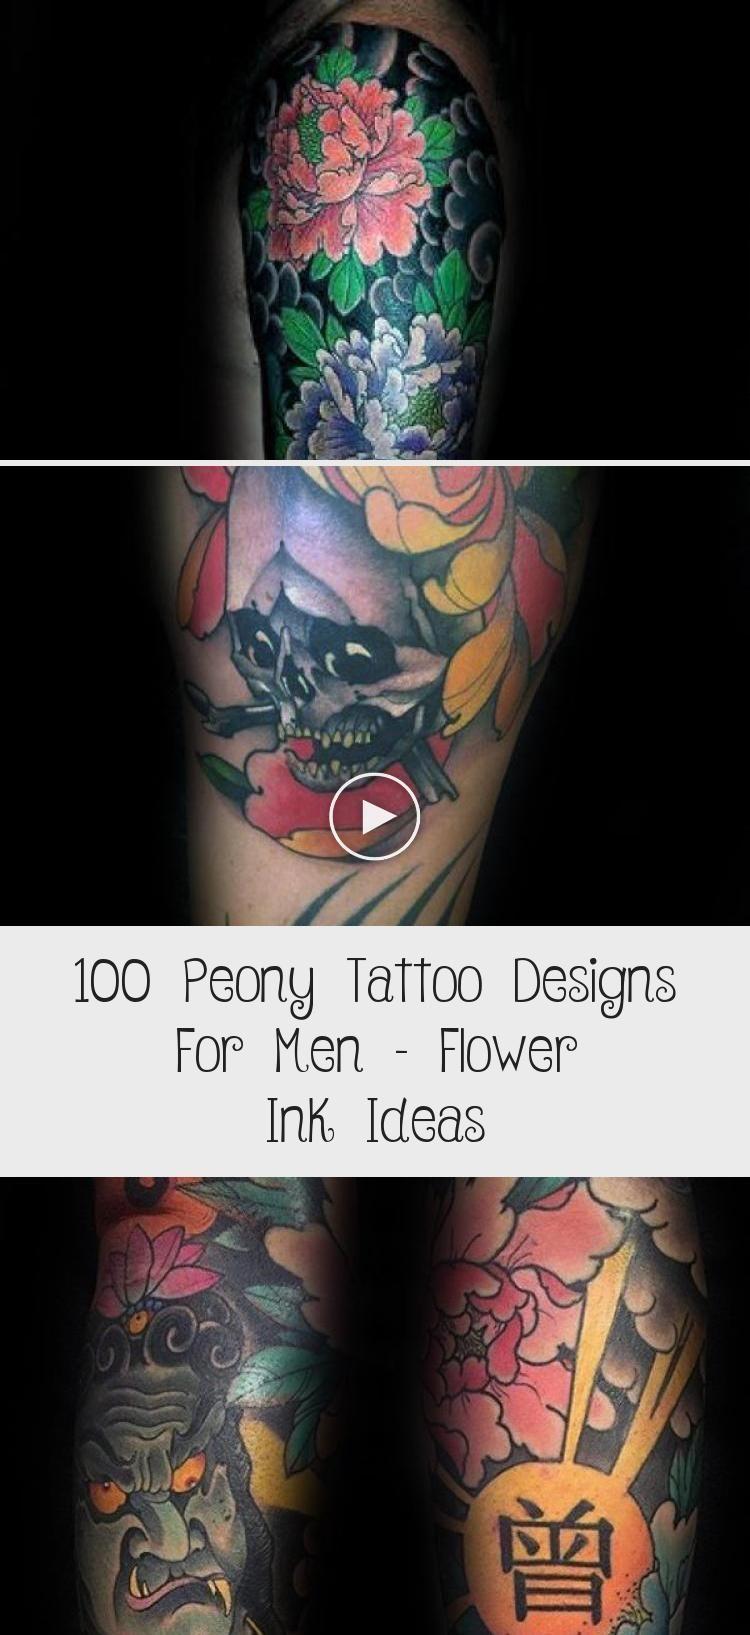 100 Peony Tattoo Designs For Men: 100 Conceptions De Tatouage De Pivoine Pour Hommes